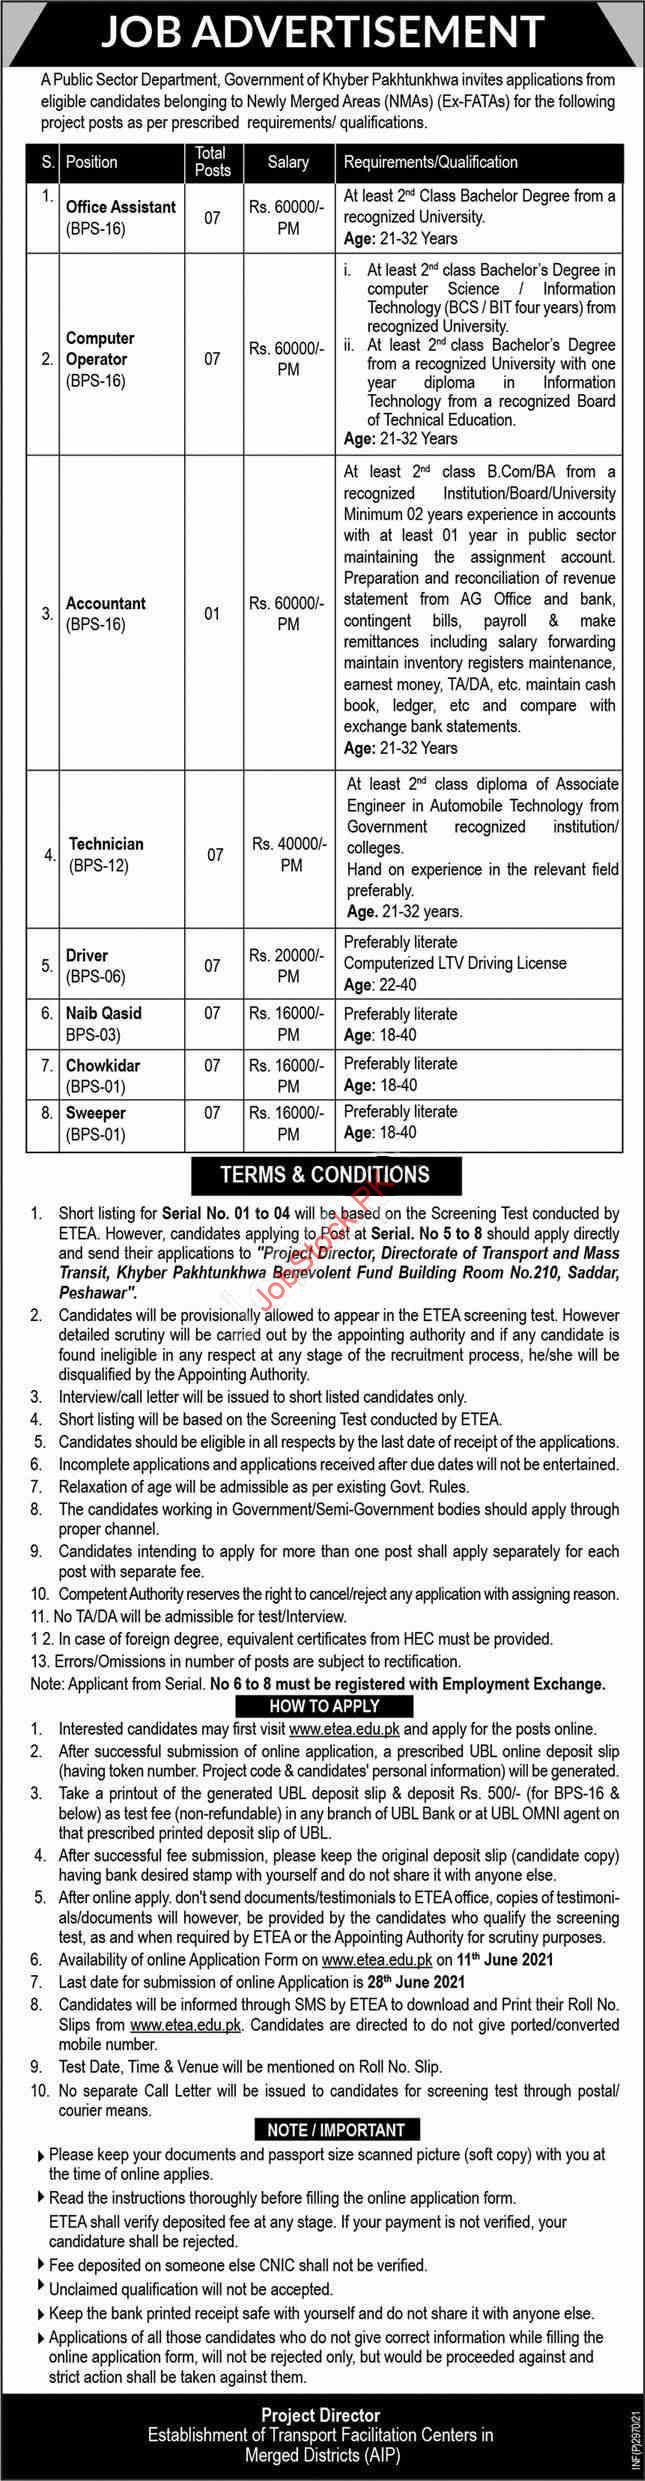 Government Jobs In Kpk June 2021 Etea Jobs 2021 Advertisement